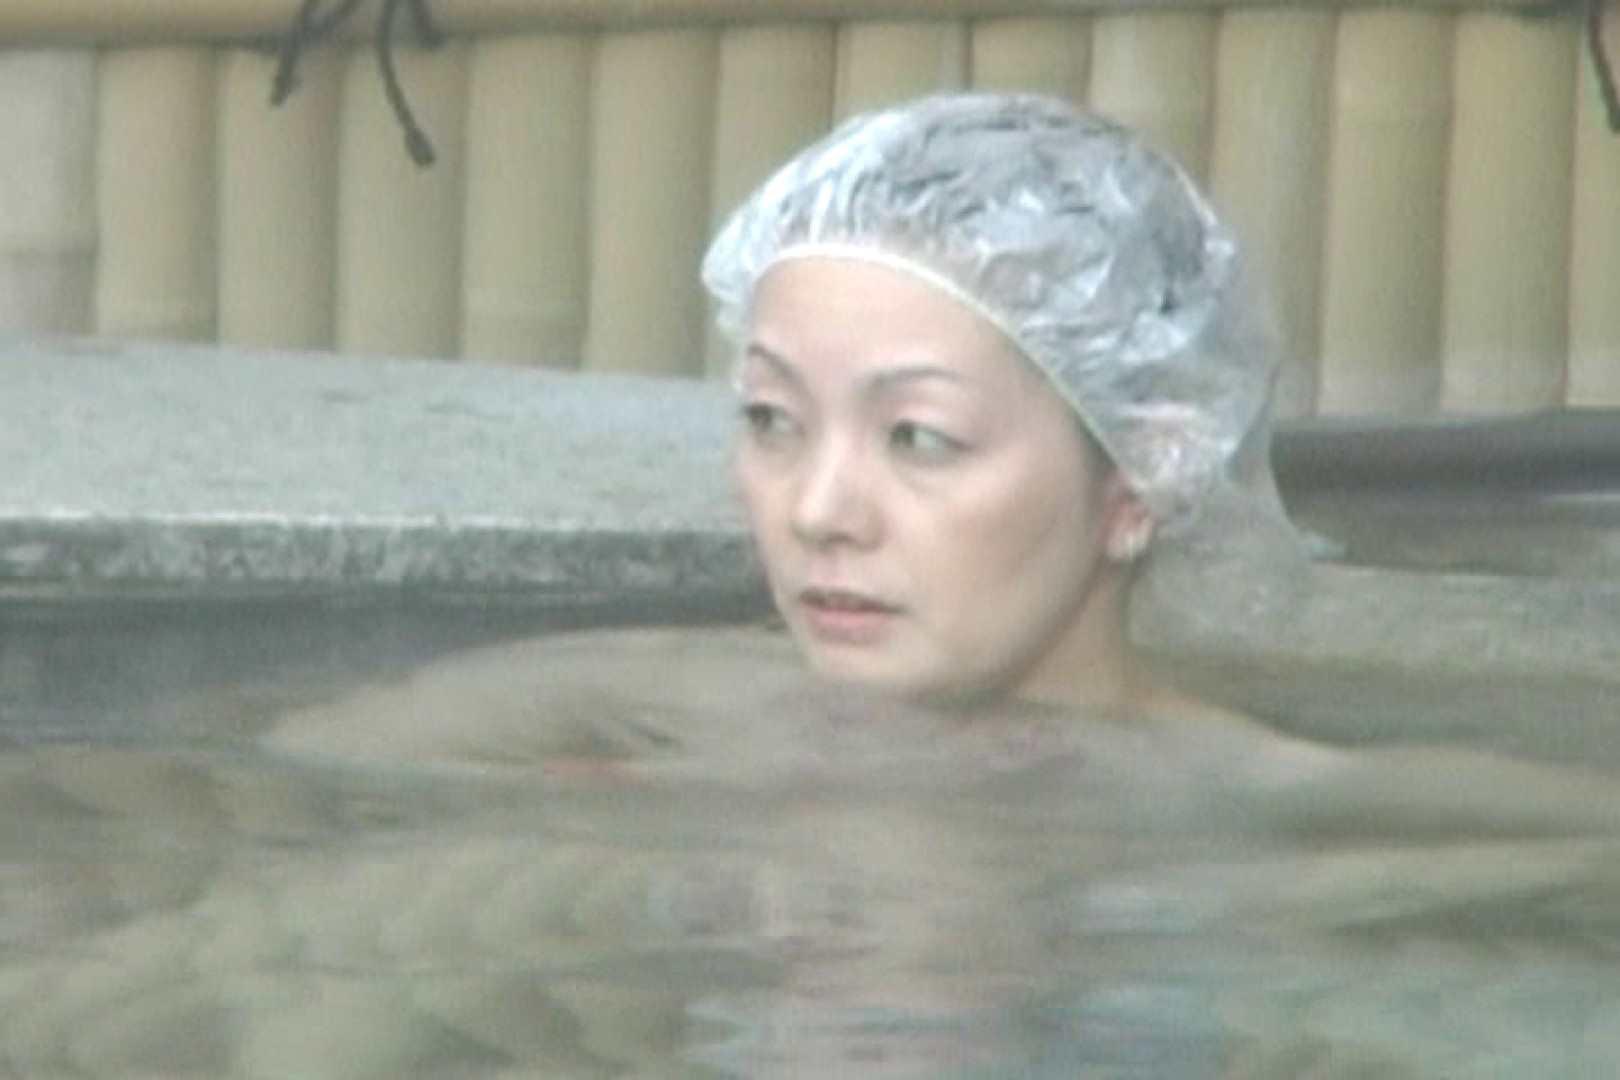 Aquaな露天風呂Vol.592 露天 | 盗撮  92pic 45